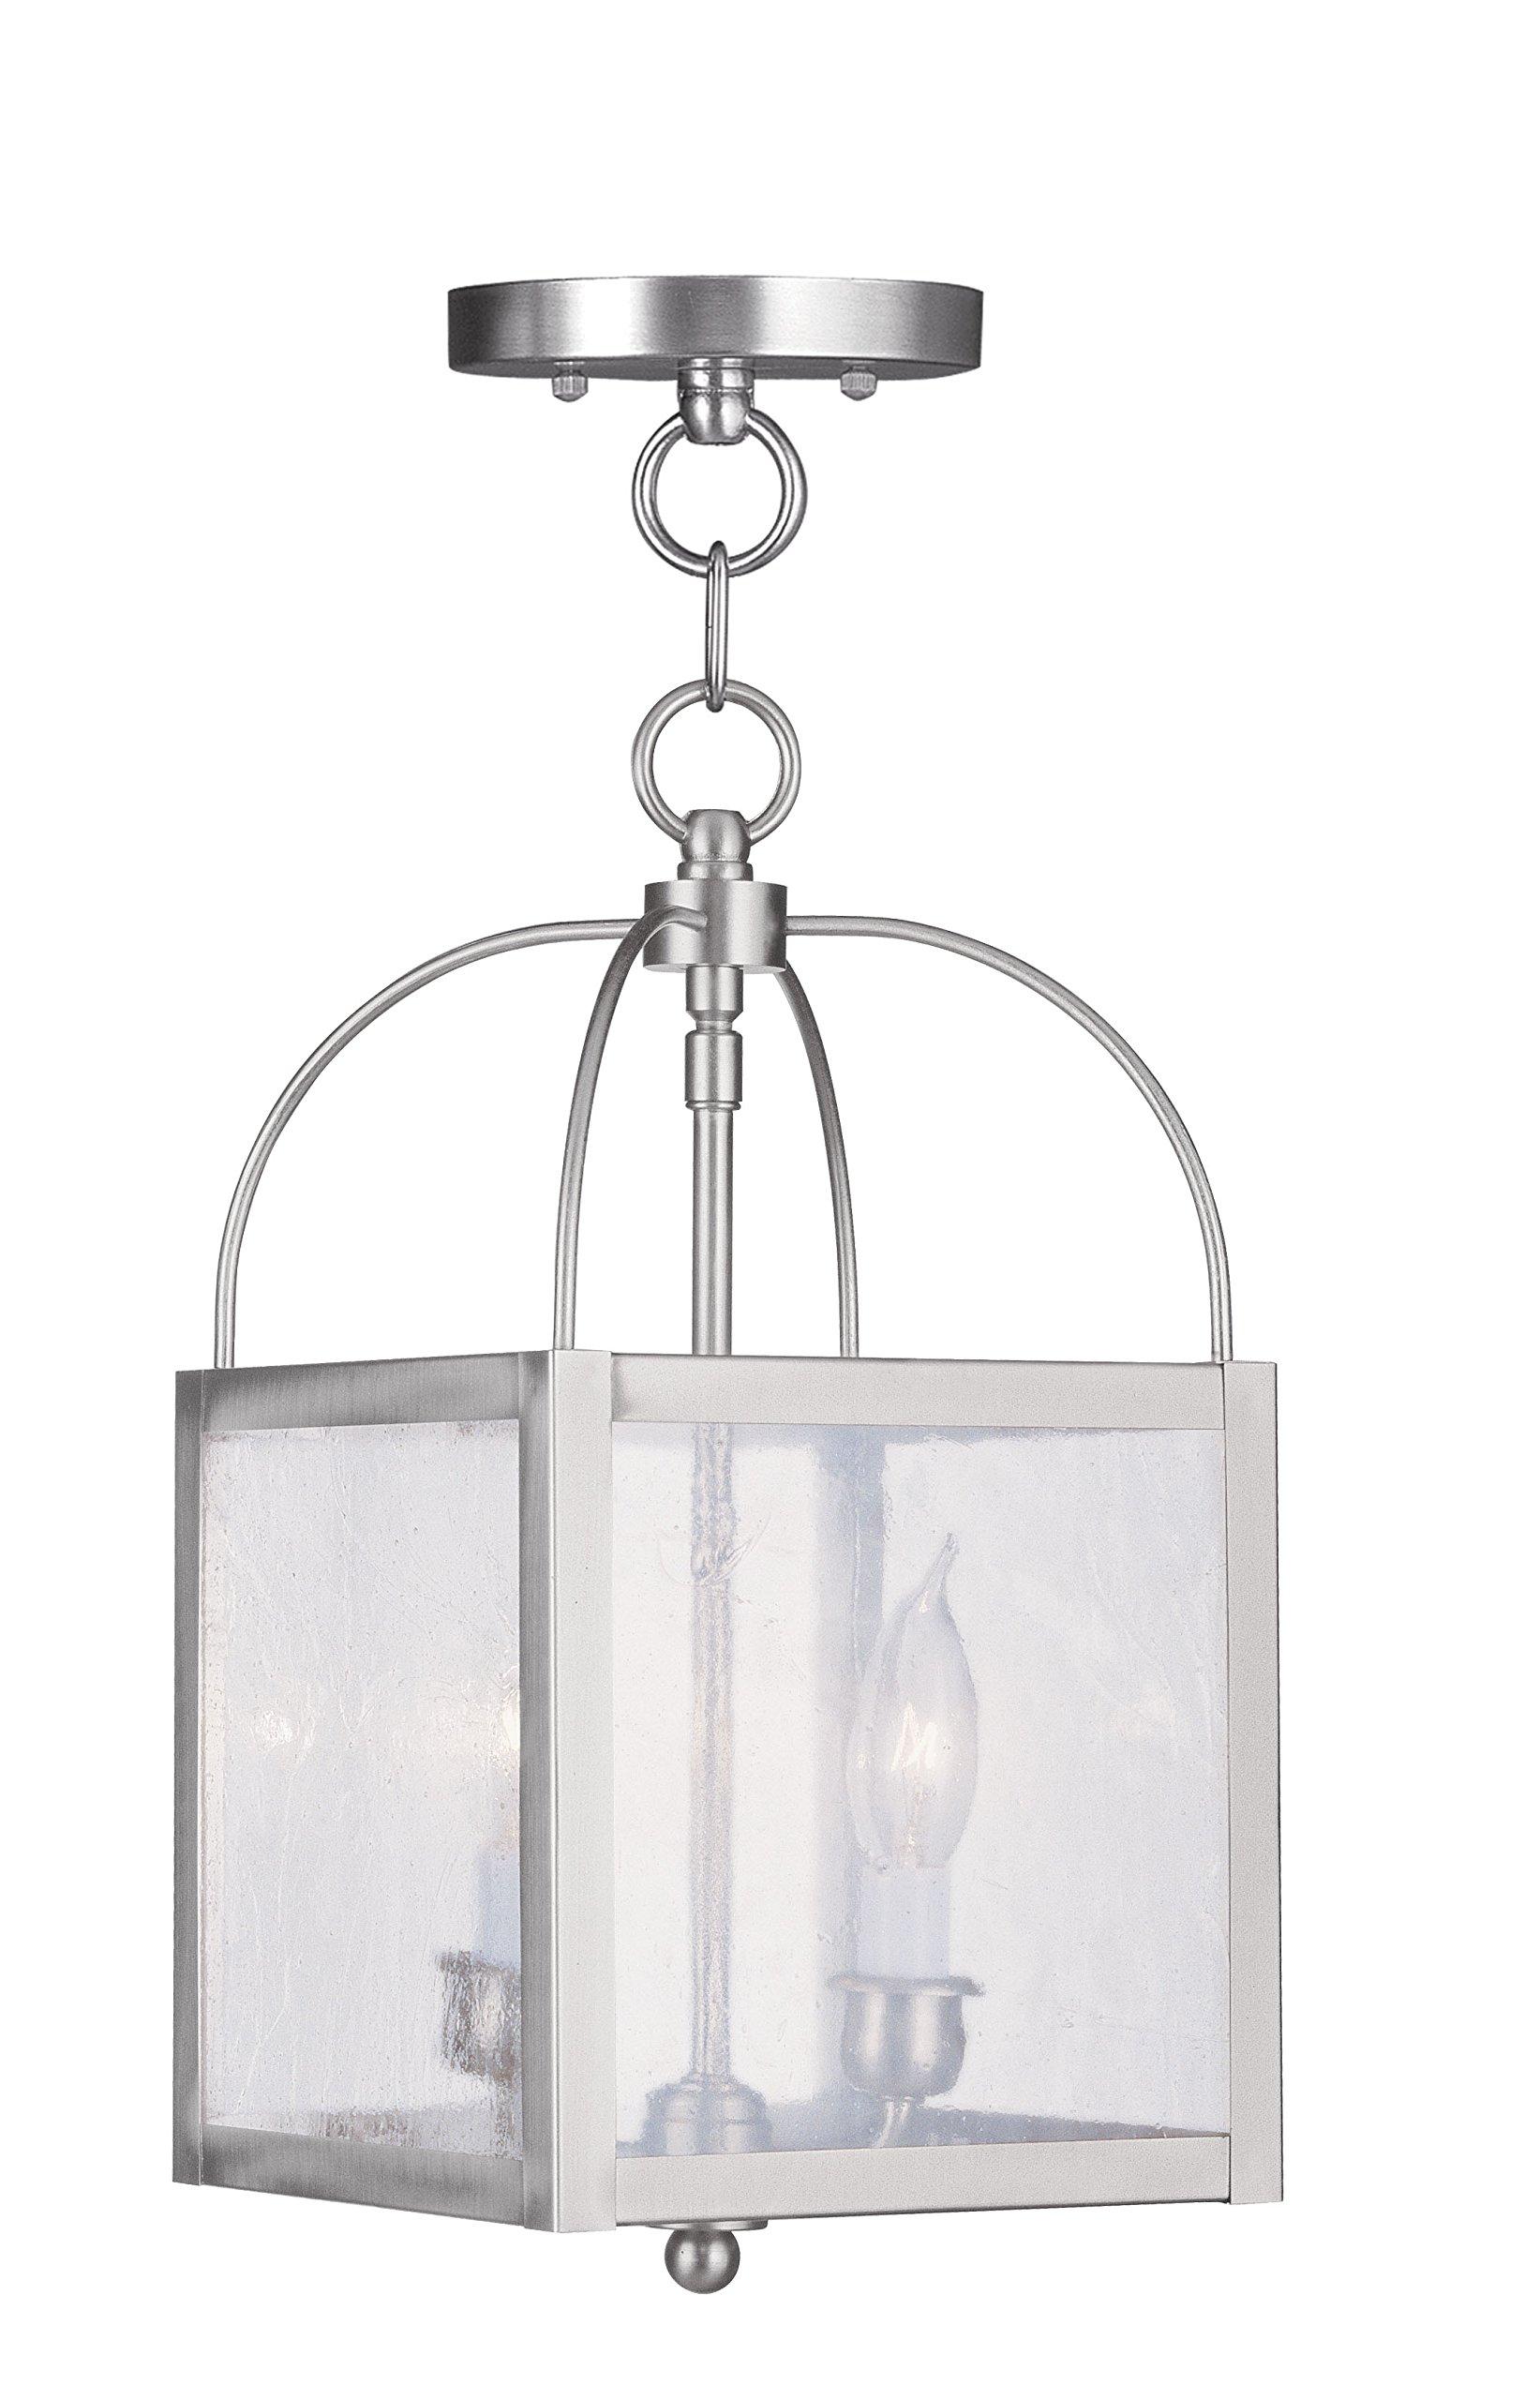 Livex Lighting 4045-91 Milford 2-Light Convertible Hanging Lantern/Ceiling Mount, Brushed Nickel